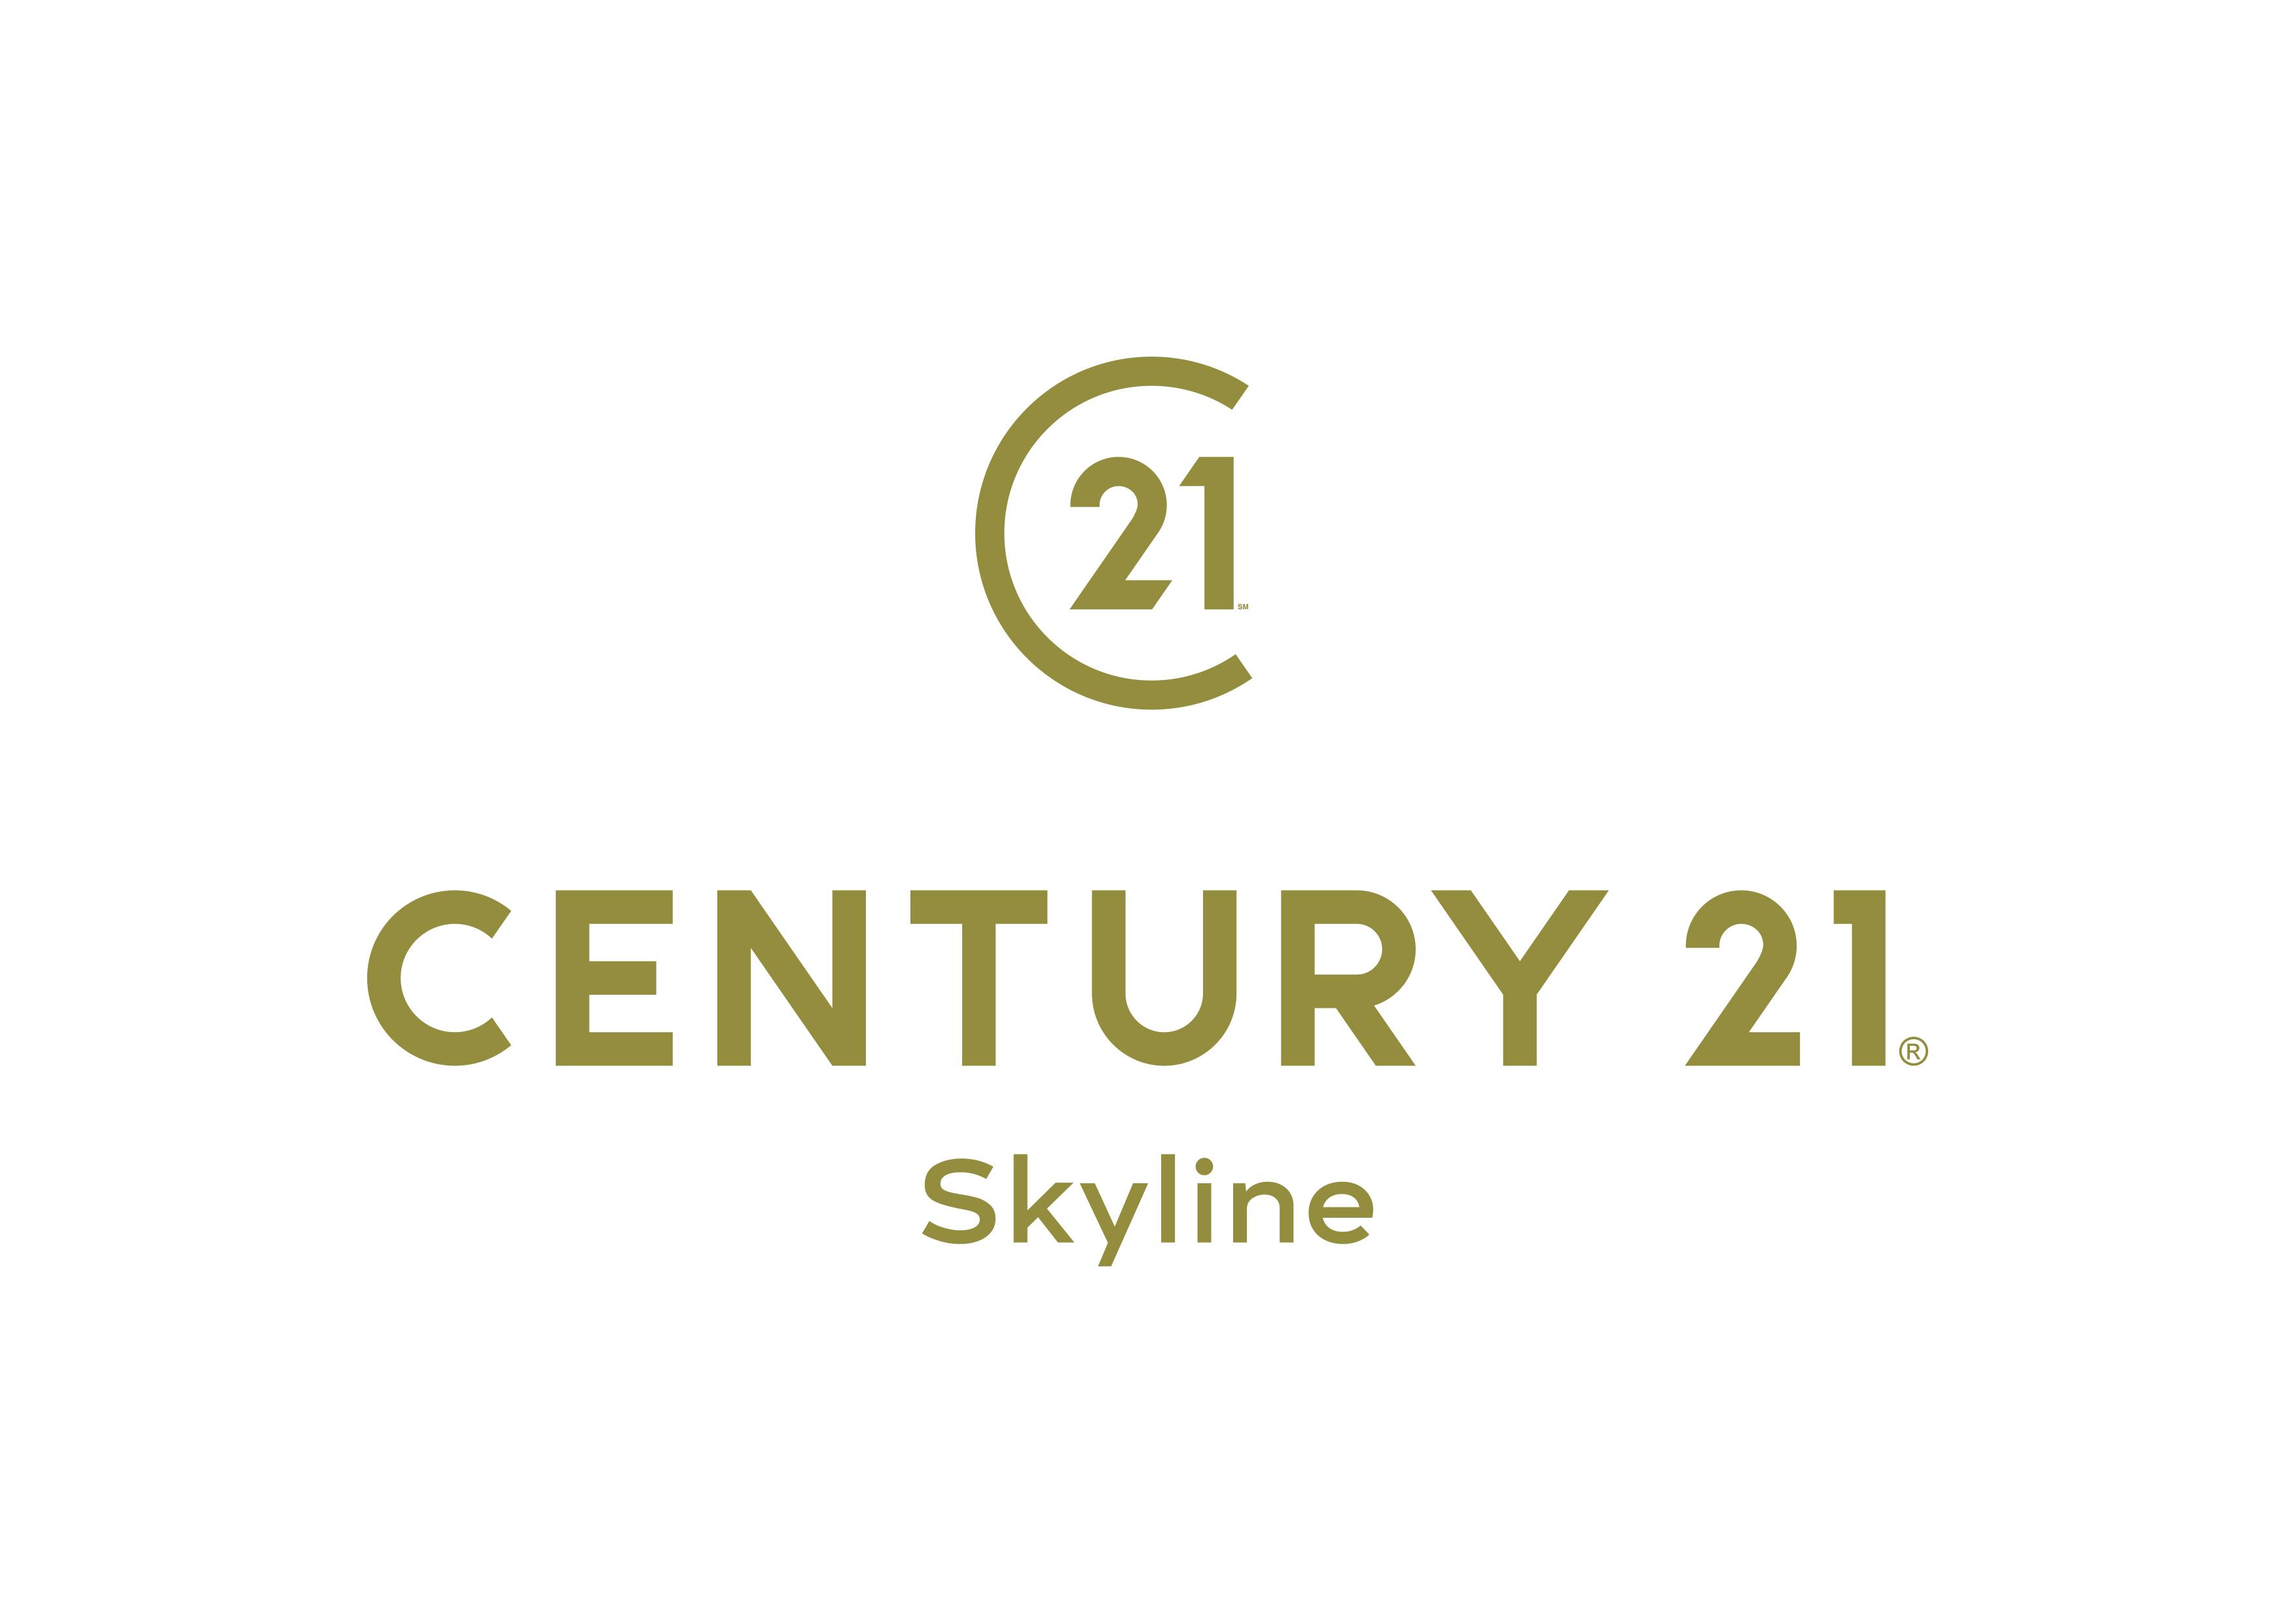 C21 skyline